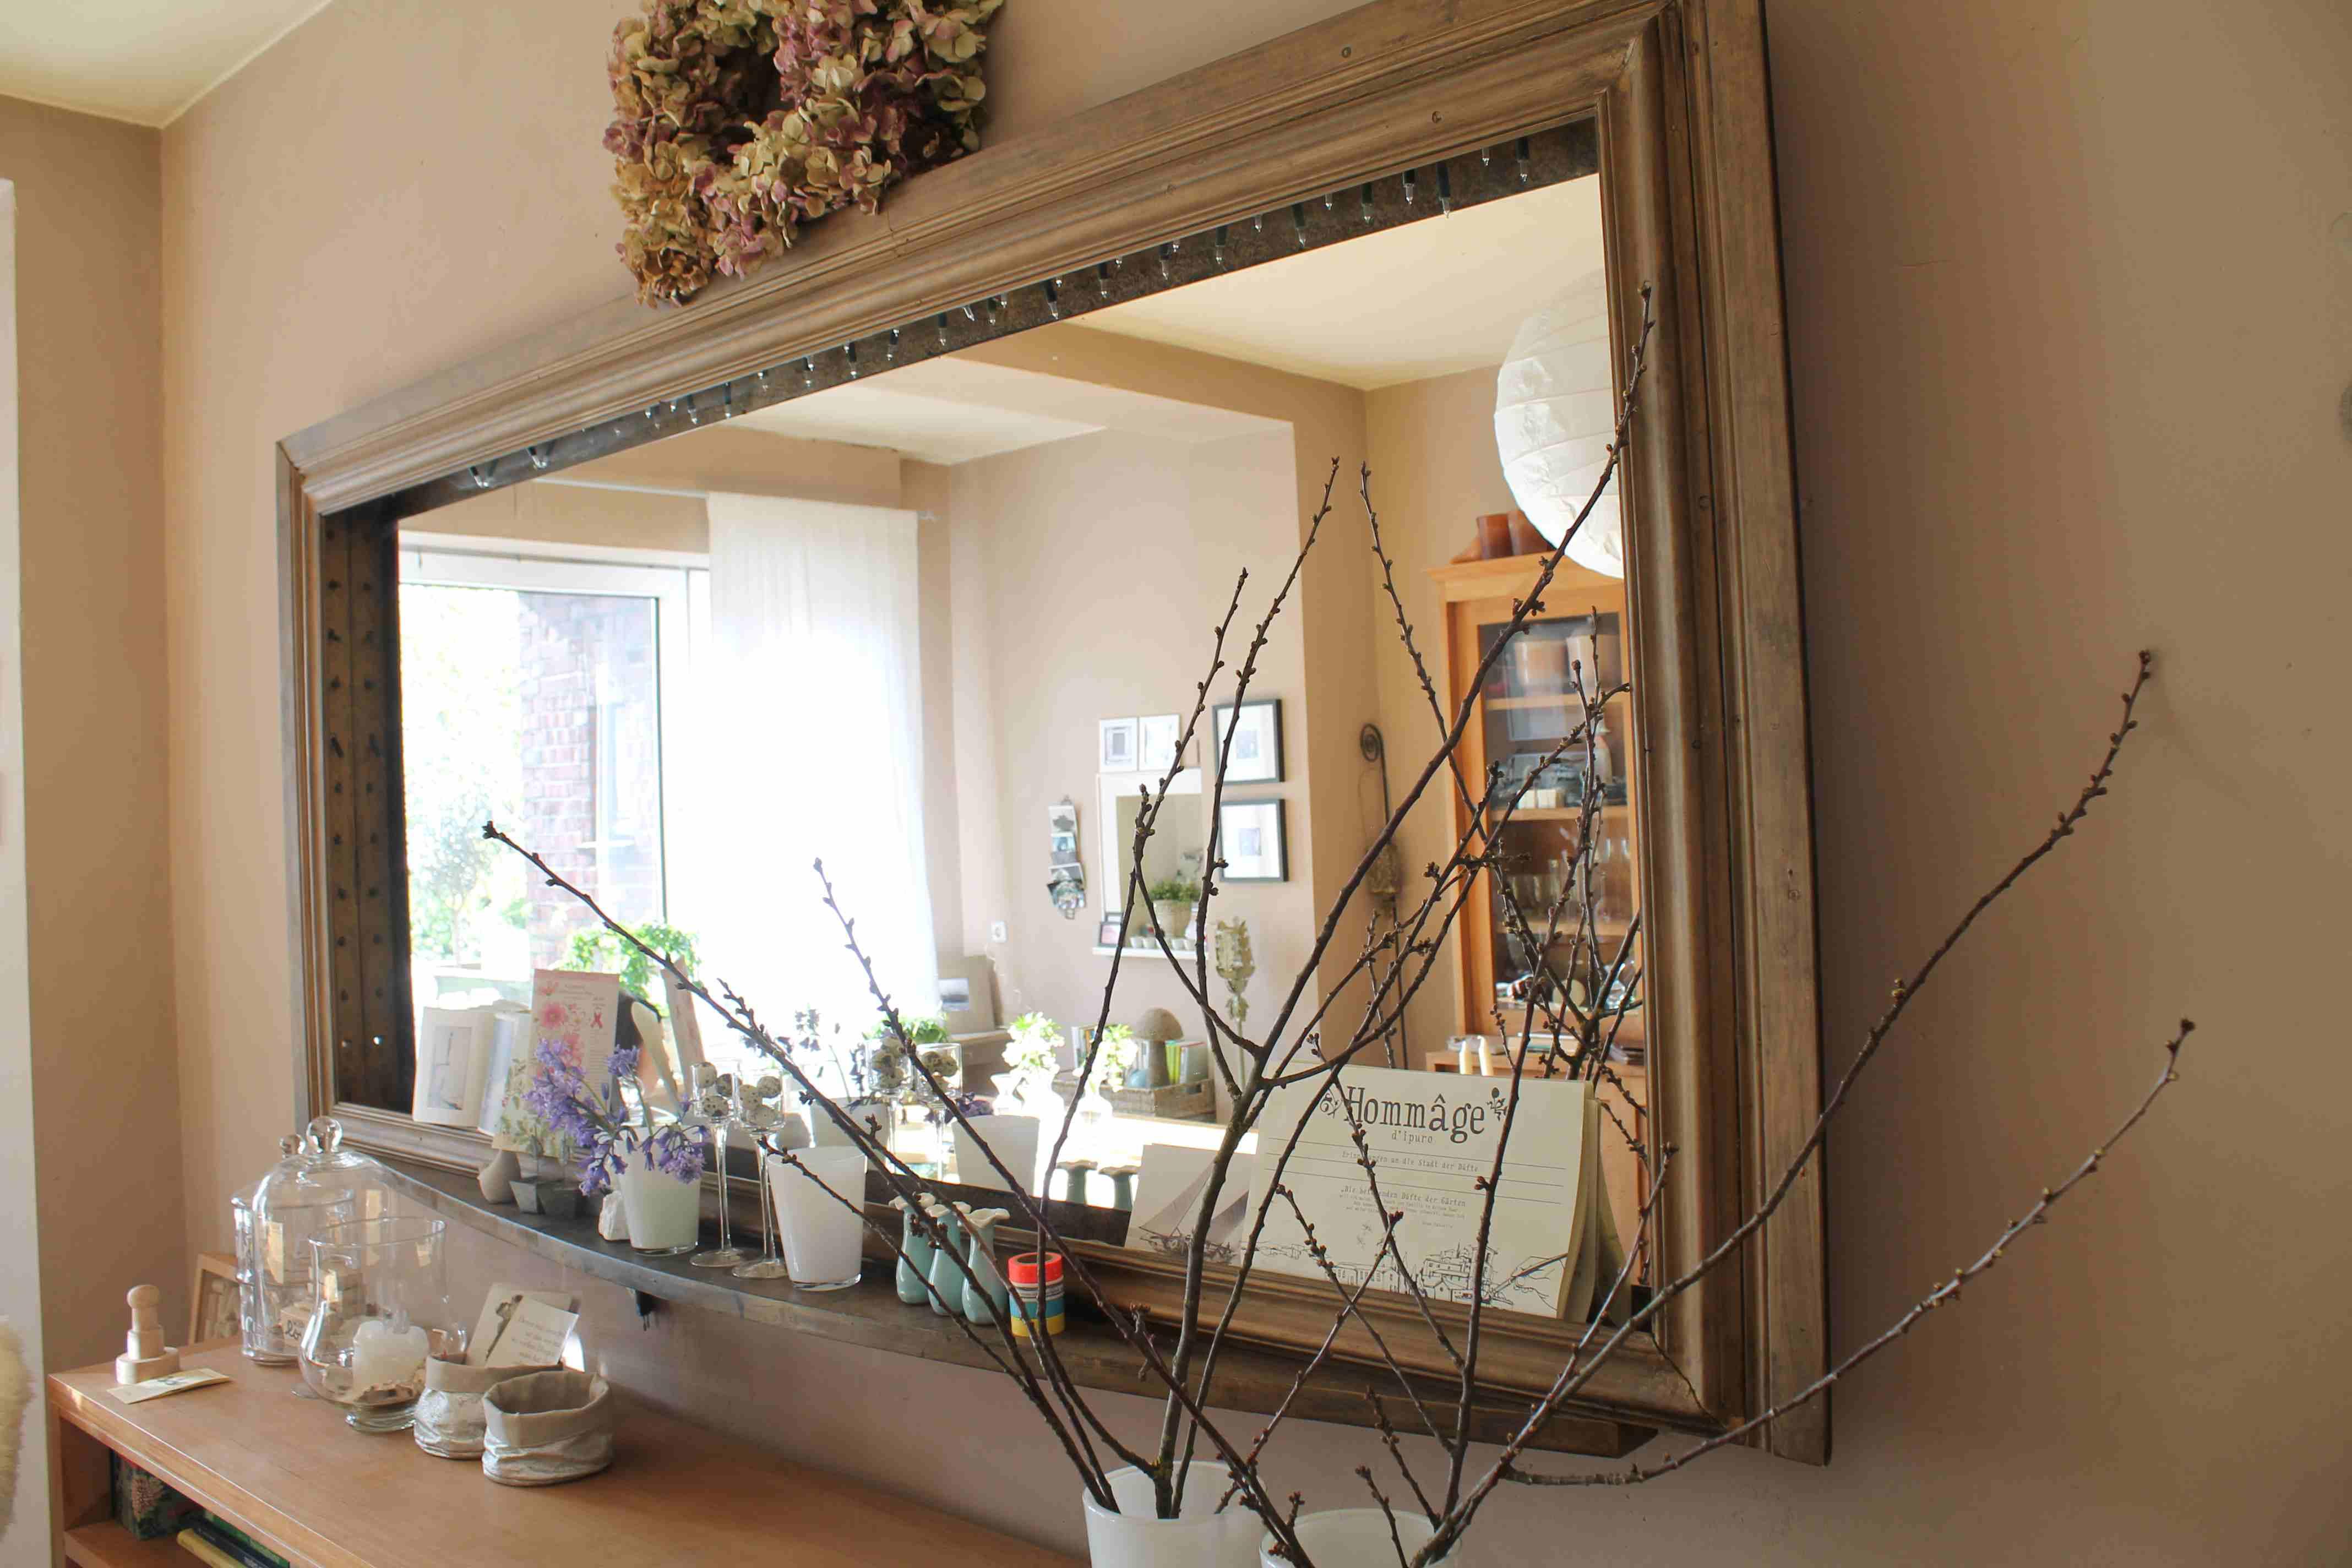 Riesiger Spiegel ist auch ein Zeichen von Gemütlichkeit